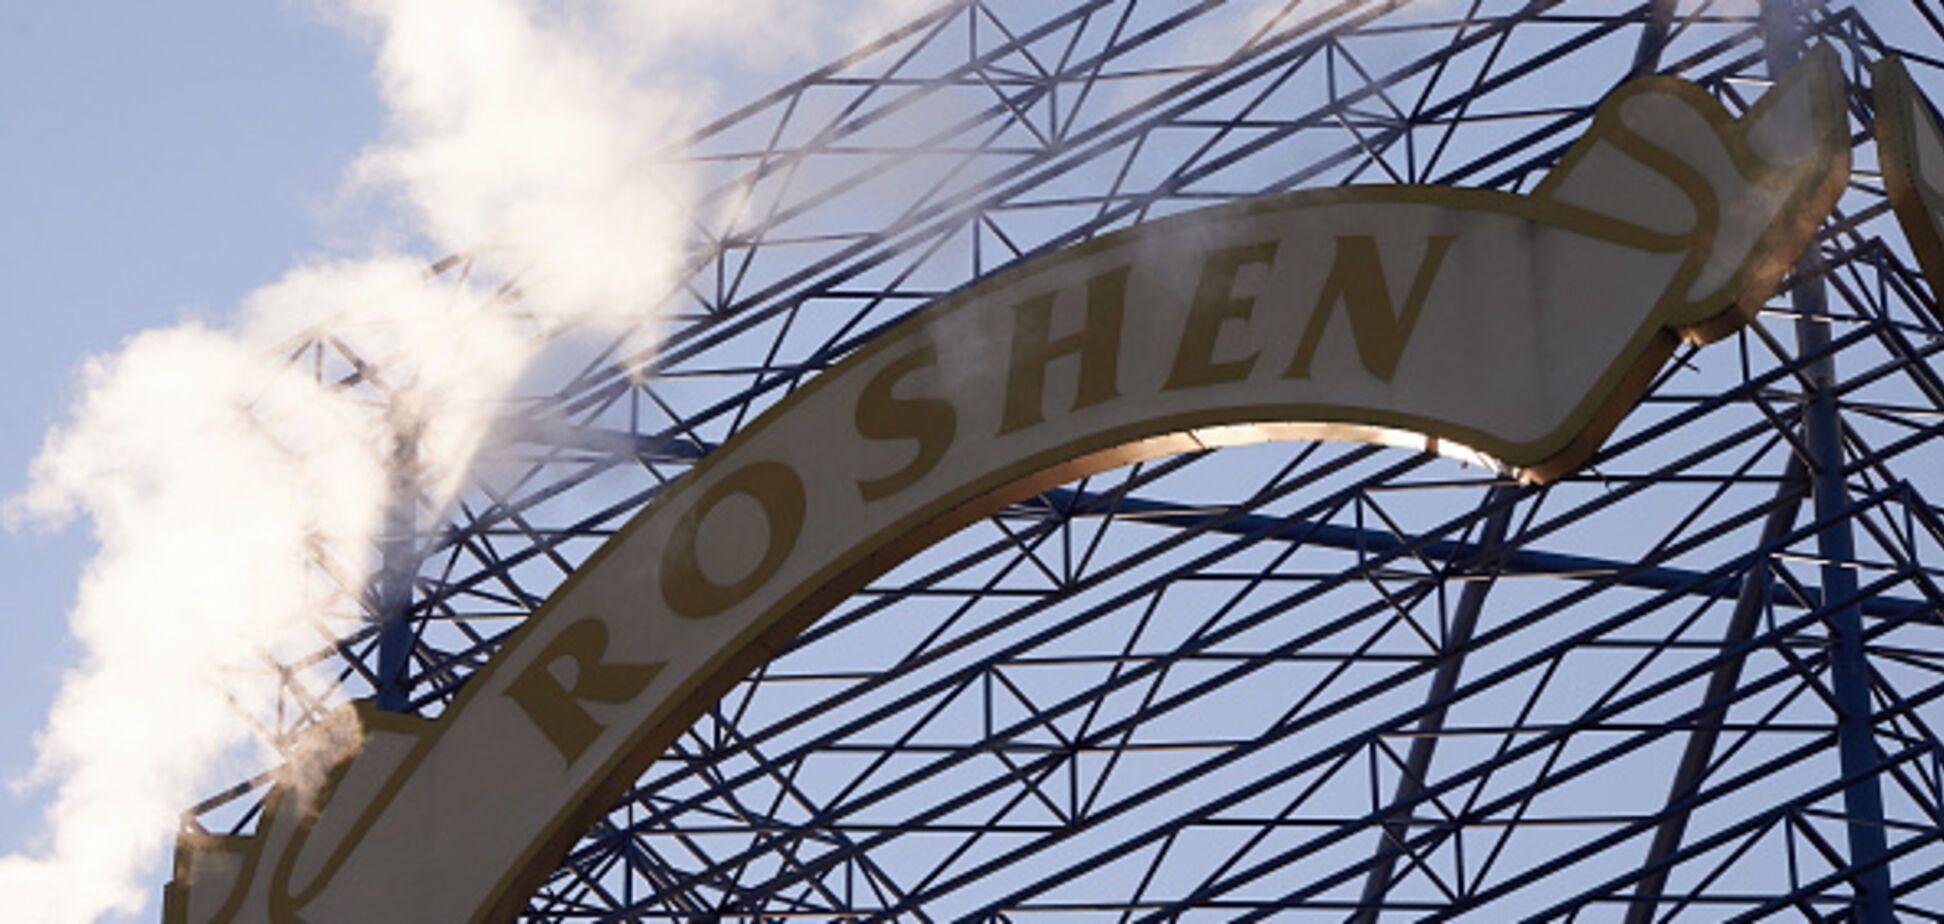 Paradise Papers: у Порошенко пояснили, почему Roshen хотели вывести в офшор